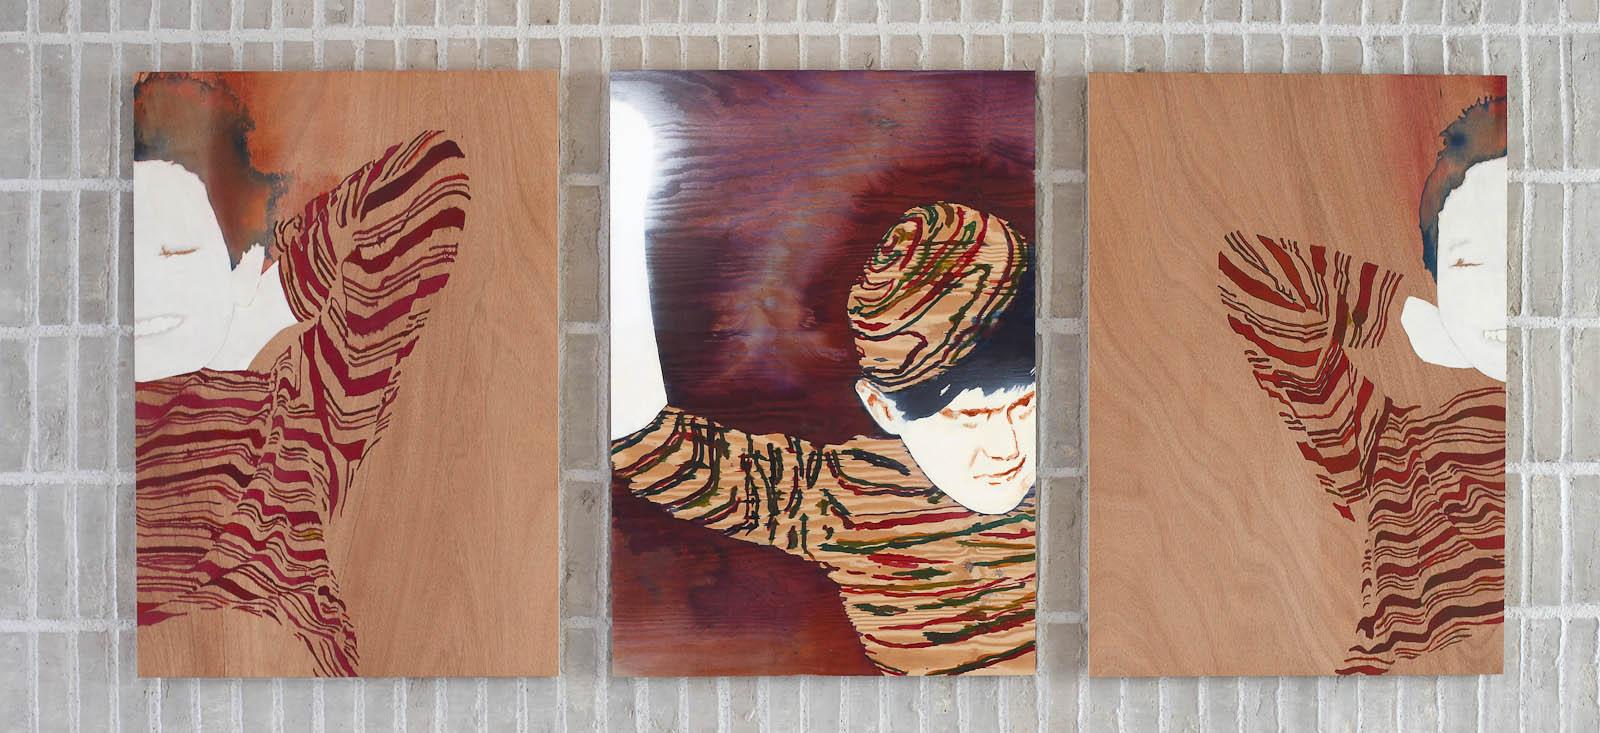 Tre tavlor i bredd av personer i randiga tröjor. Två av dem ler, den tredje har en randig mössa. Robert Lucander, 13 målningar